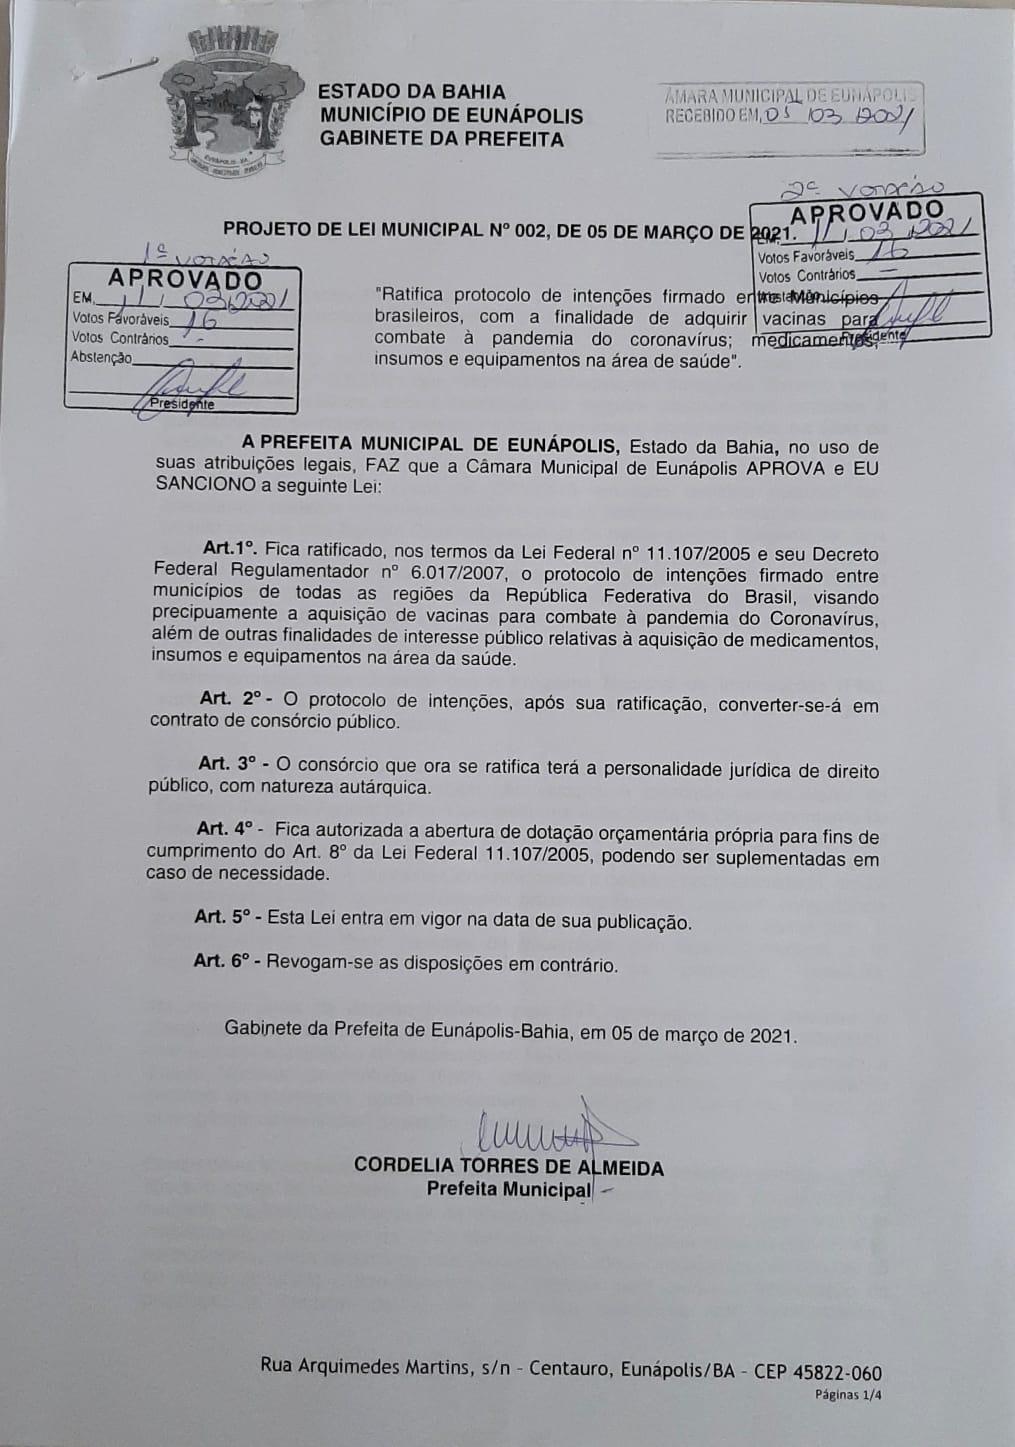 Câmara de Eunápolis aprova projeto que autoriza Prefeitura a comprar vacinas contra Covid-19 24